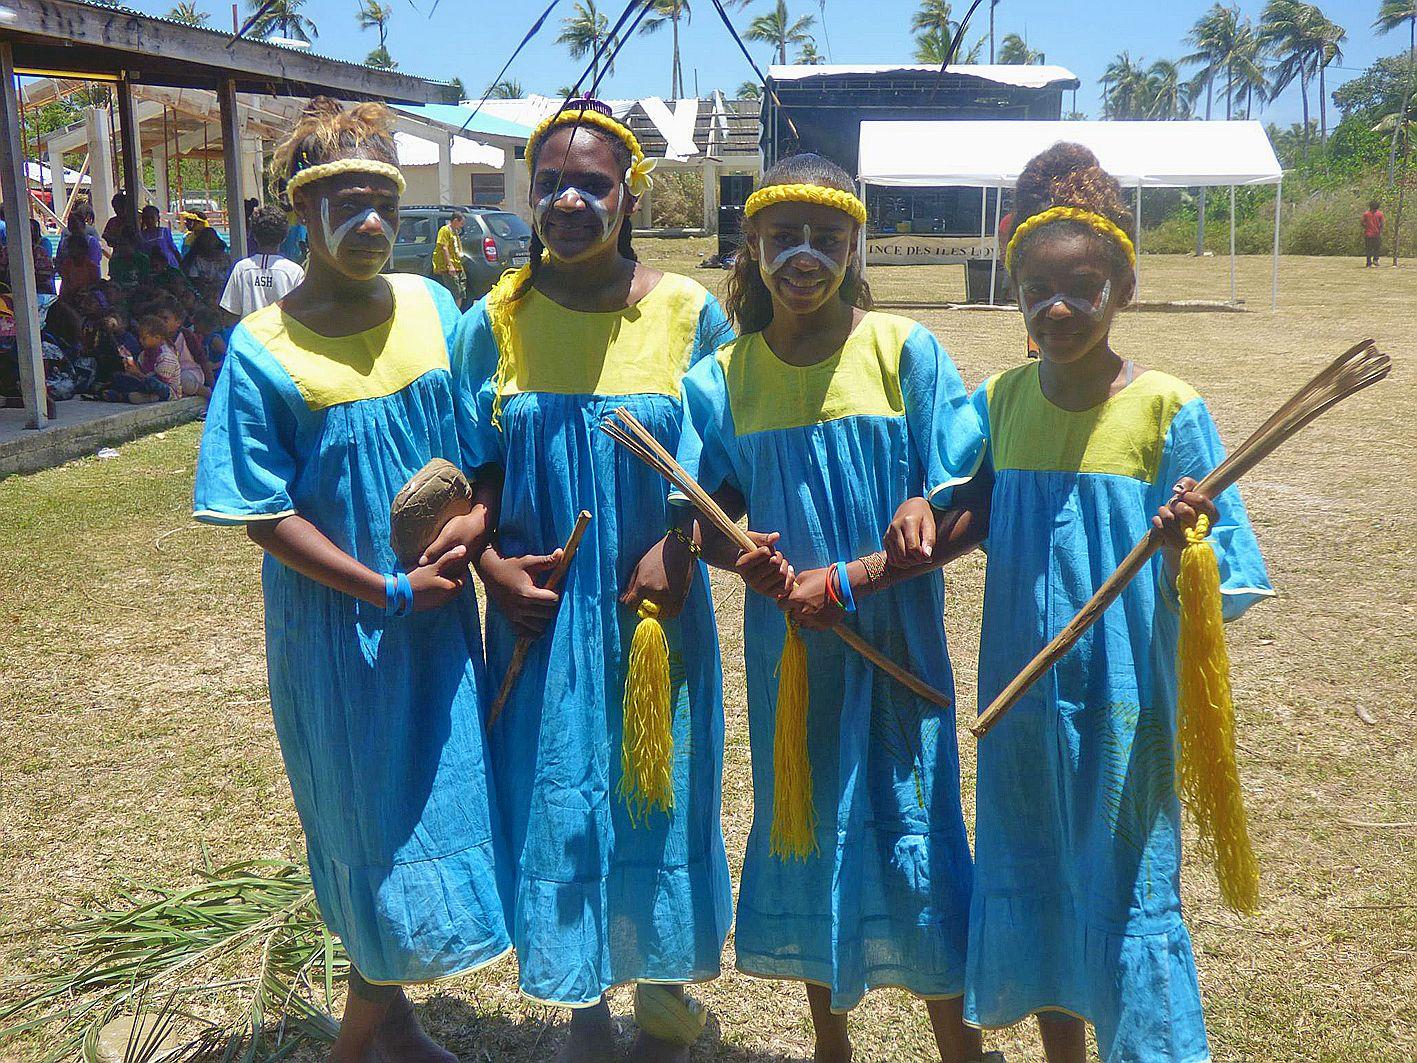 La première journée a été consacrée aux scolaires de l'île avec des battles de contes et de slams, des chants et des ateliers d'arts, d'apprentissage aux instruments musicaux, d'initiation à l'outil numérique et à l'apprentissage des éléments culturels co